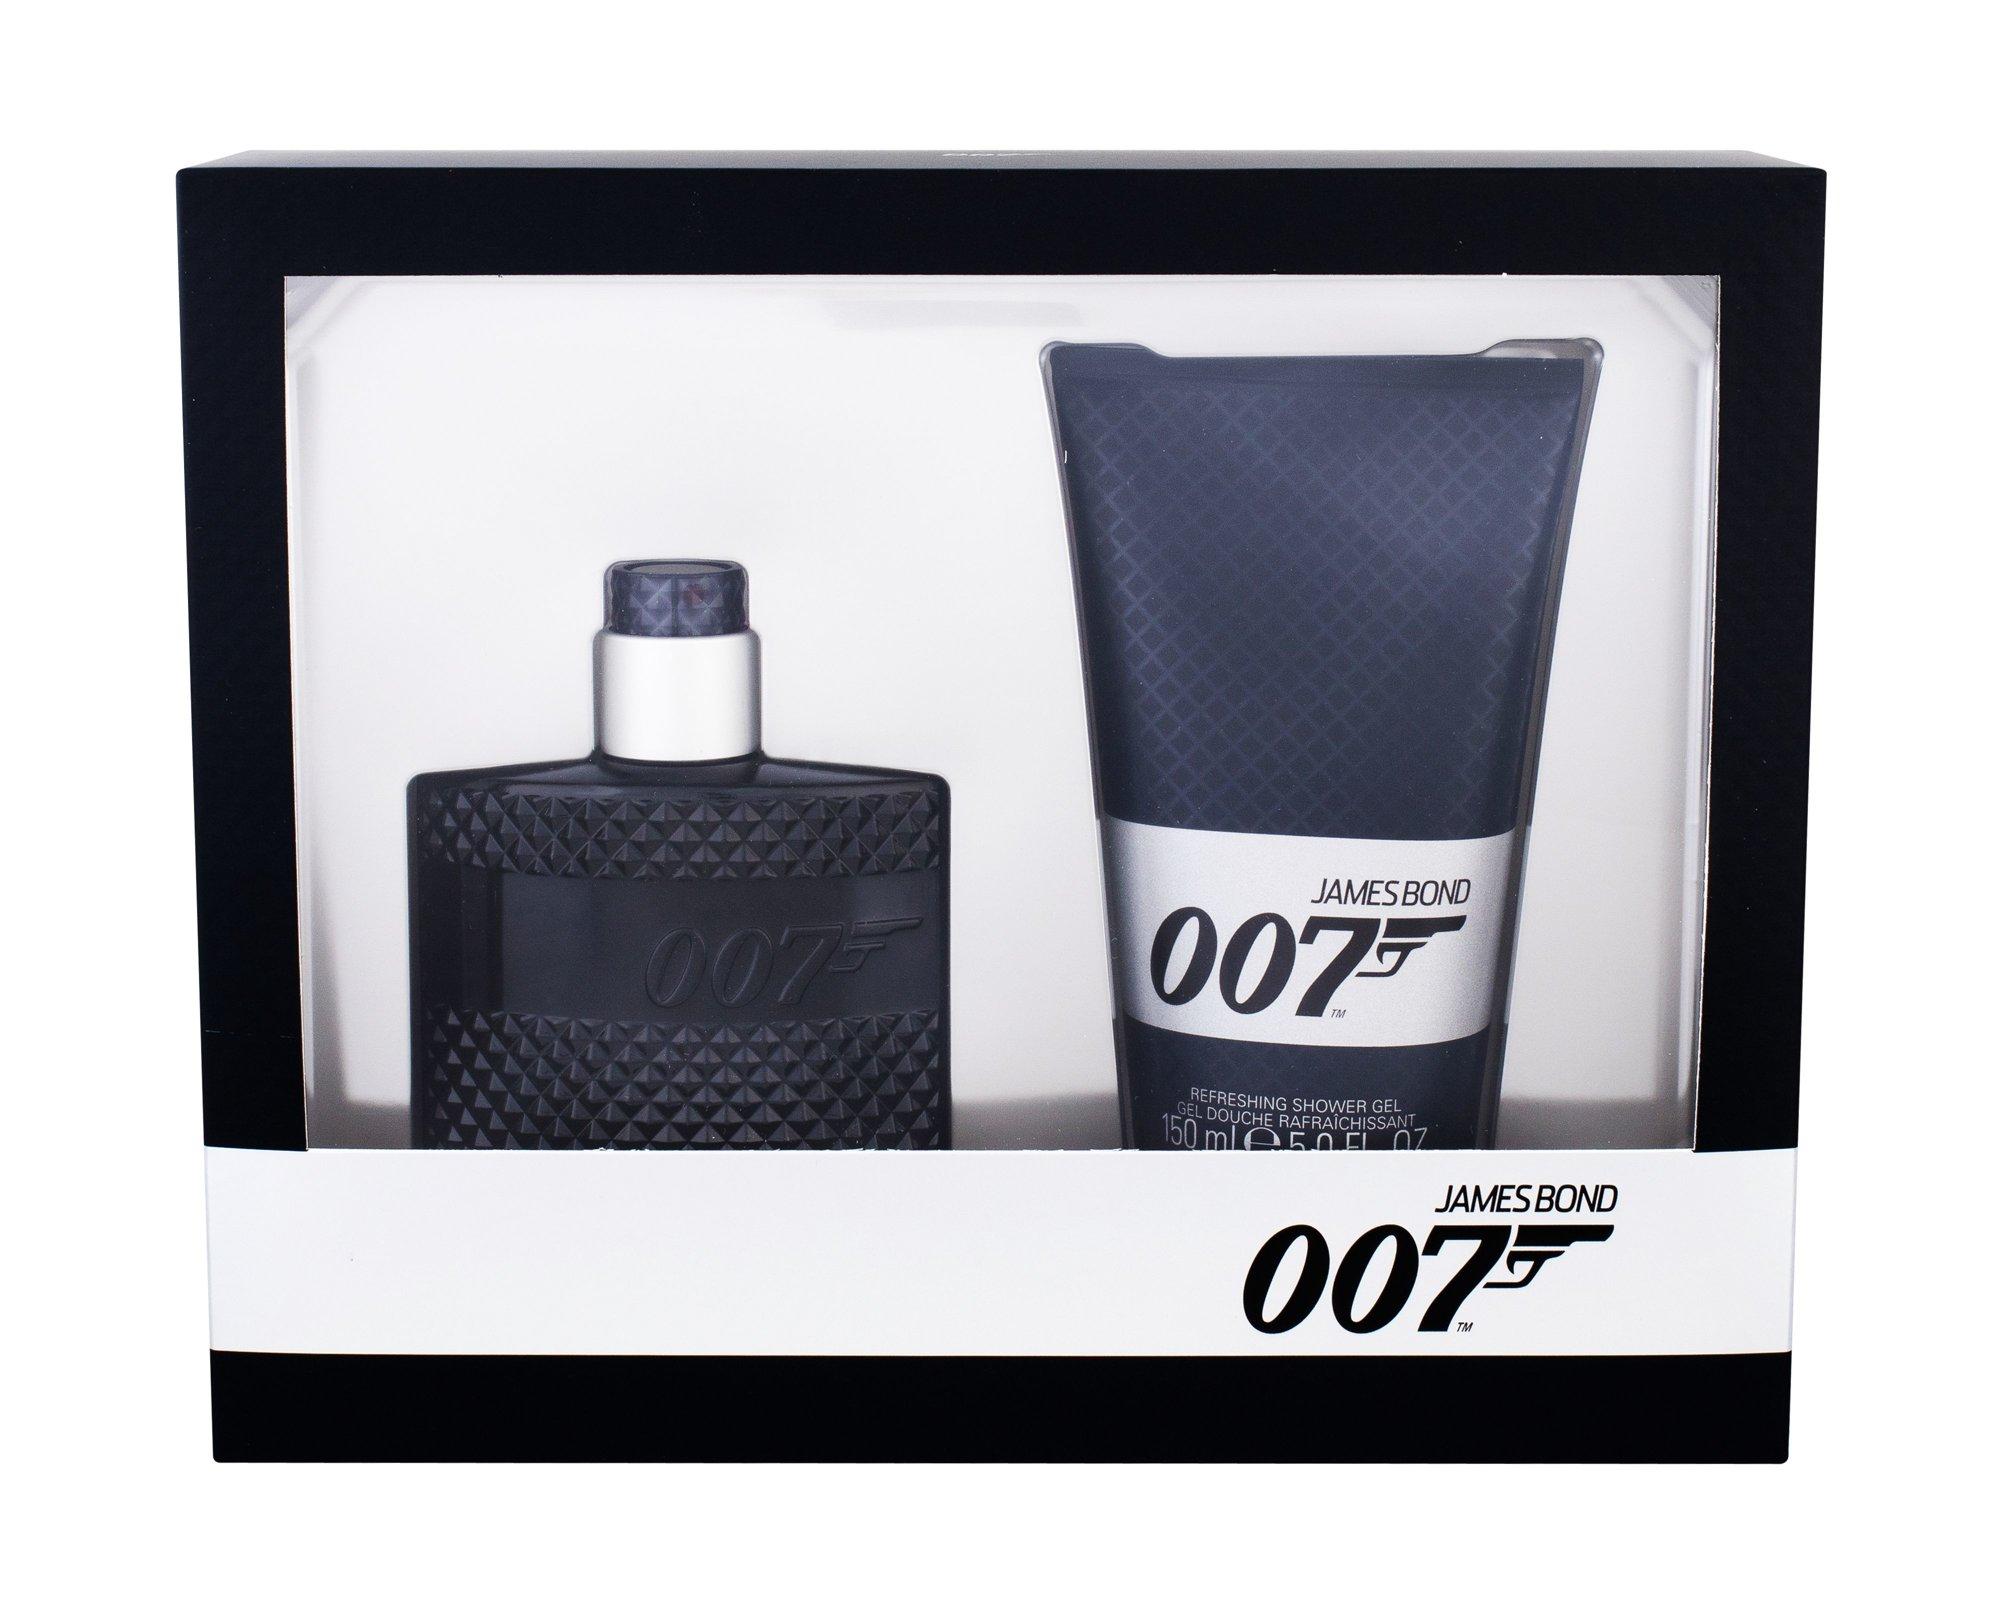 James Bond 007 James Bond 007 Eau de Toilette 50ml